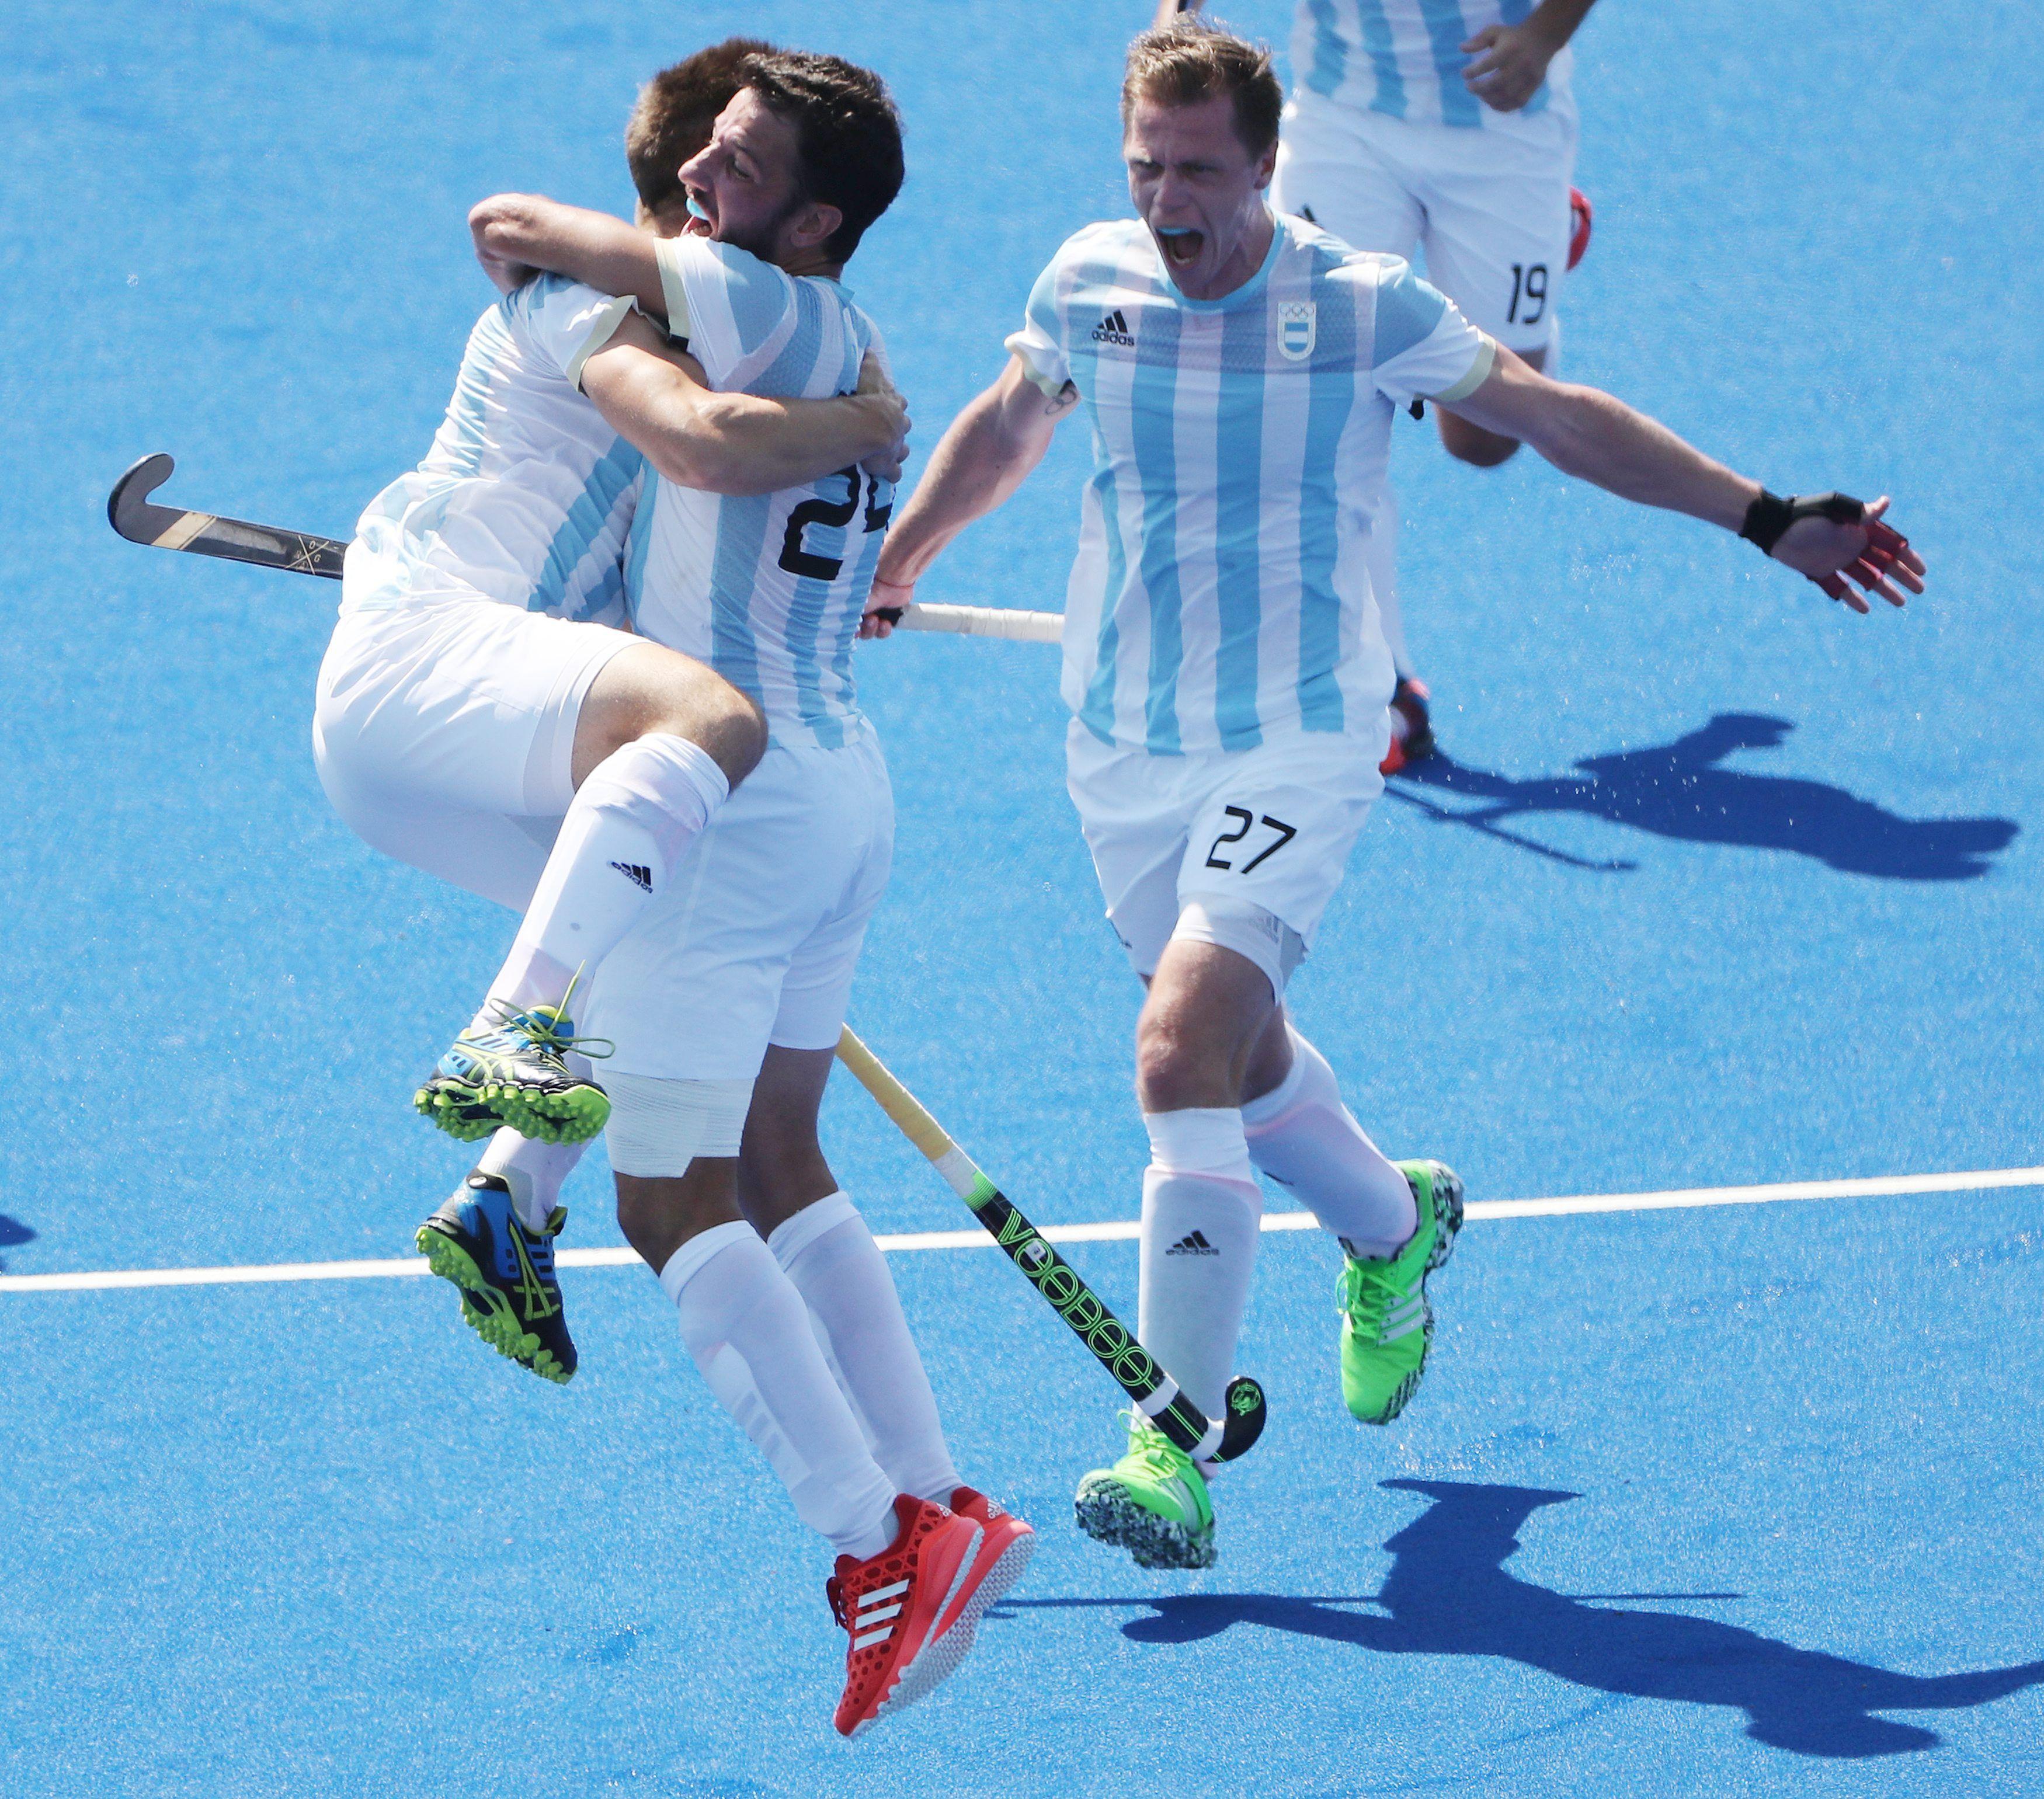 Leones: la Selección masculina de hockey llegó a la final olímpica y los famosos explotaron